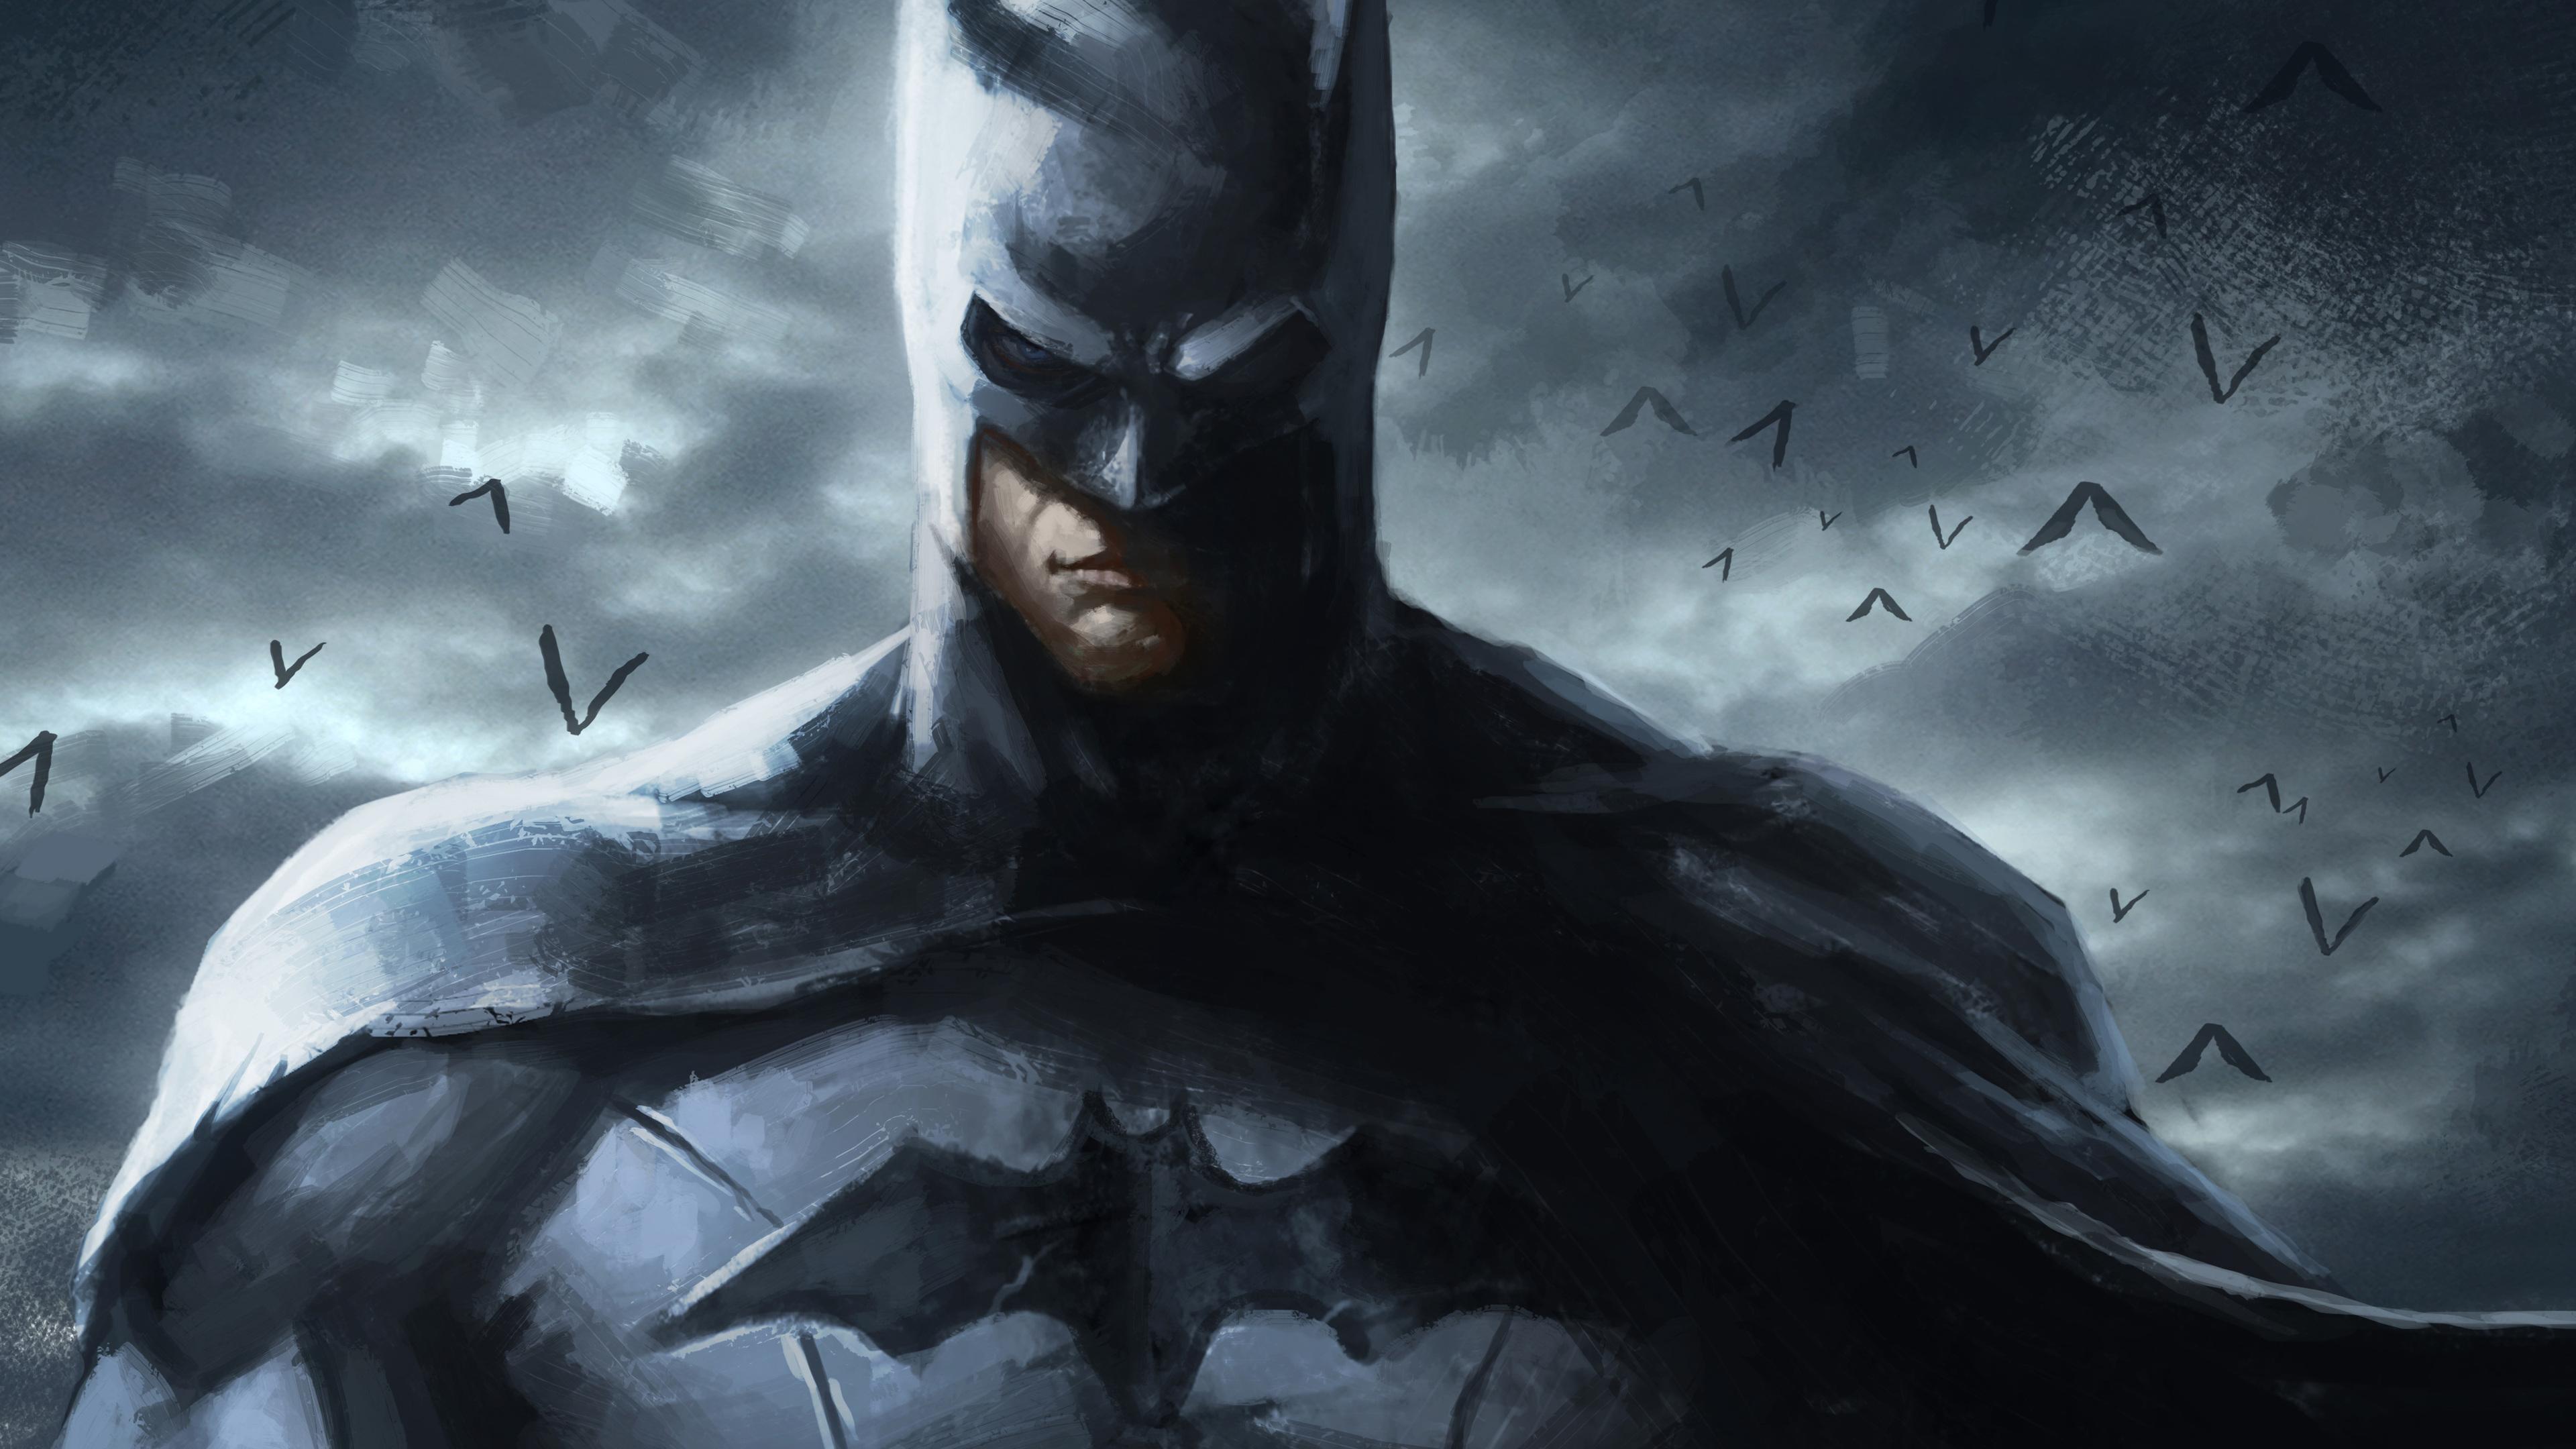 batman art 4k 1536522601 - Batman Art 4k - superheroes wallpapers, hd-wallpapers, deviantart wallpapers, batman wallpapers, artwork wallpapers, artist wallpapers, art wallpapers, 5k wallpapers, 4k-wallpapers